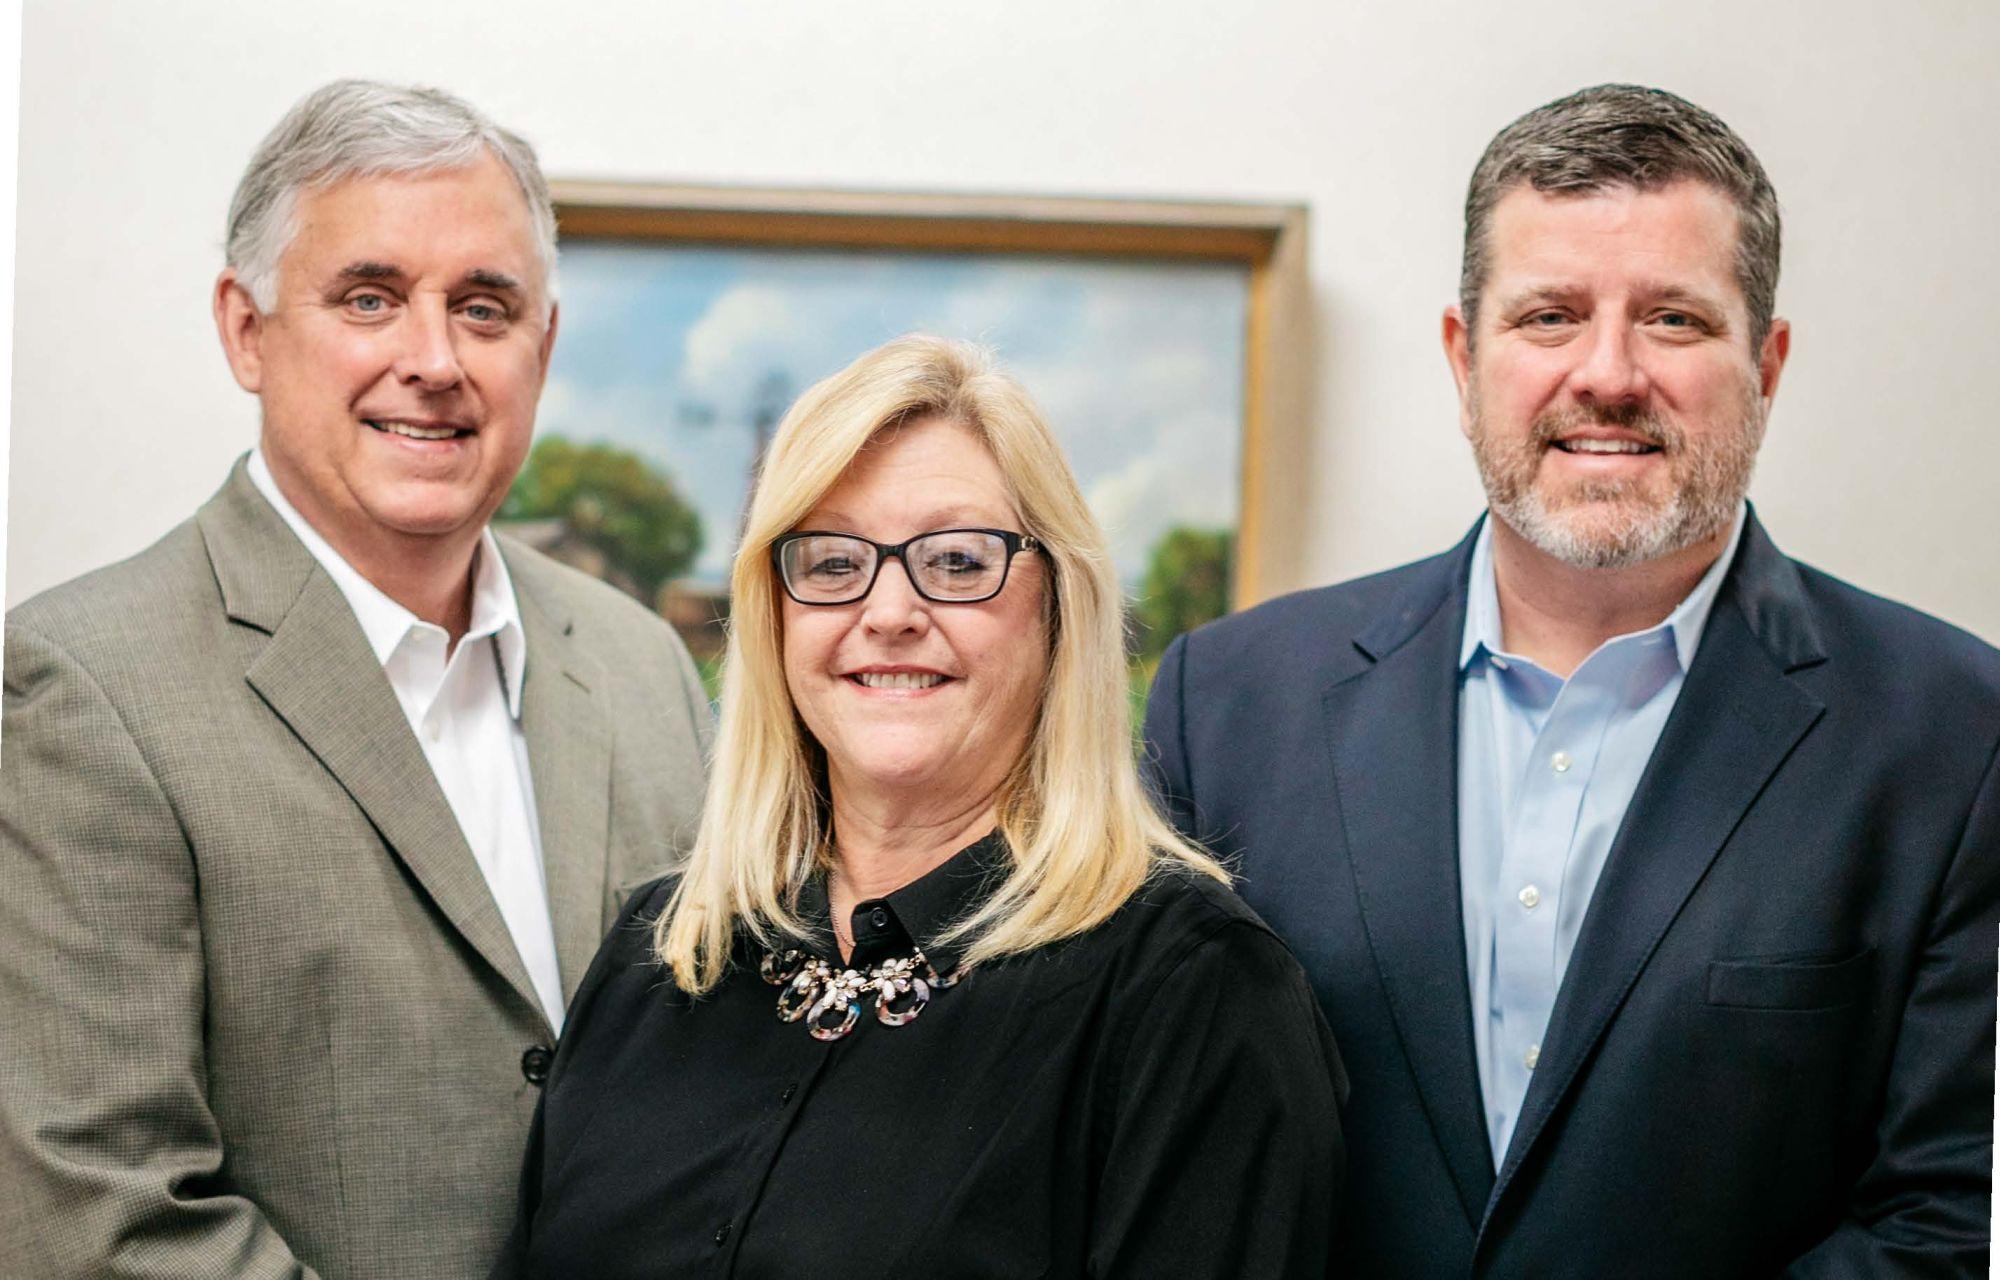 Brett Anderson Michael Stillman Financial Advisors Dallas Texas